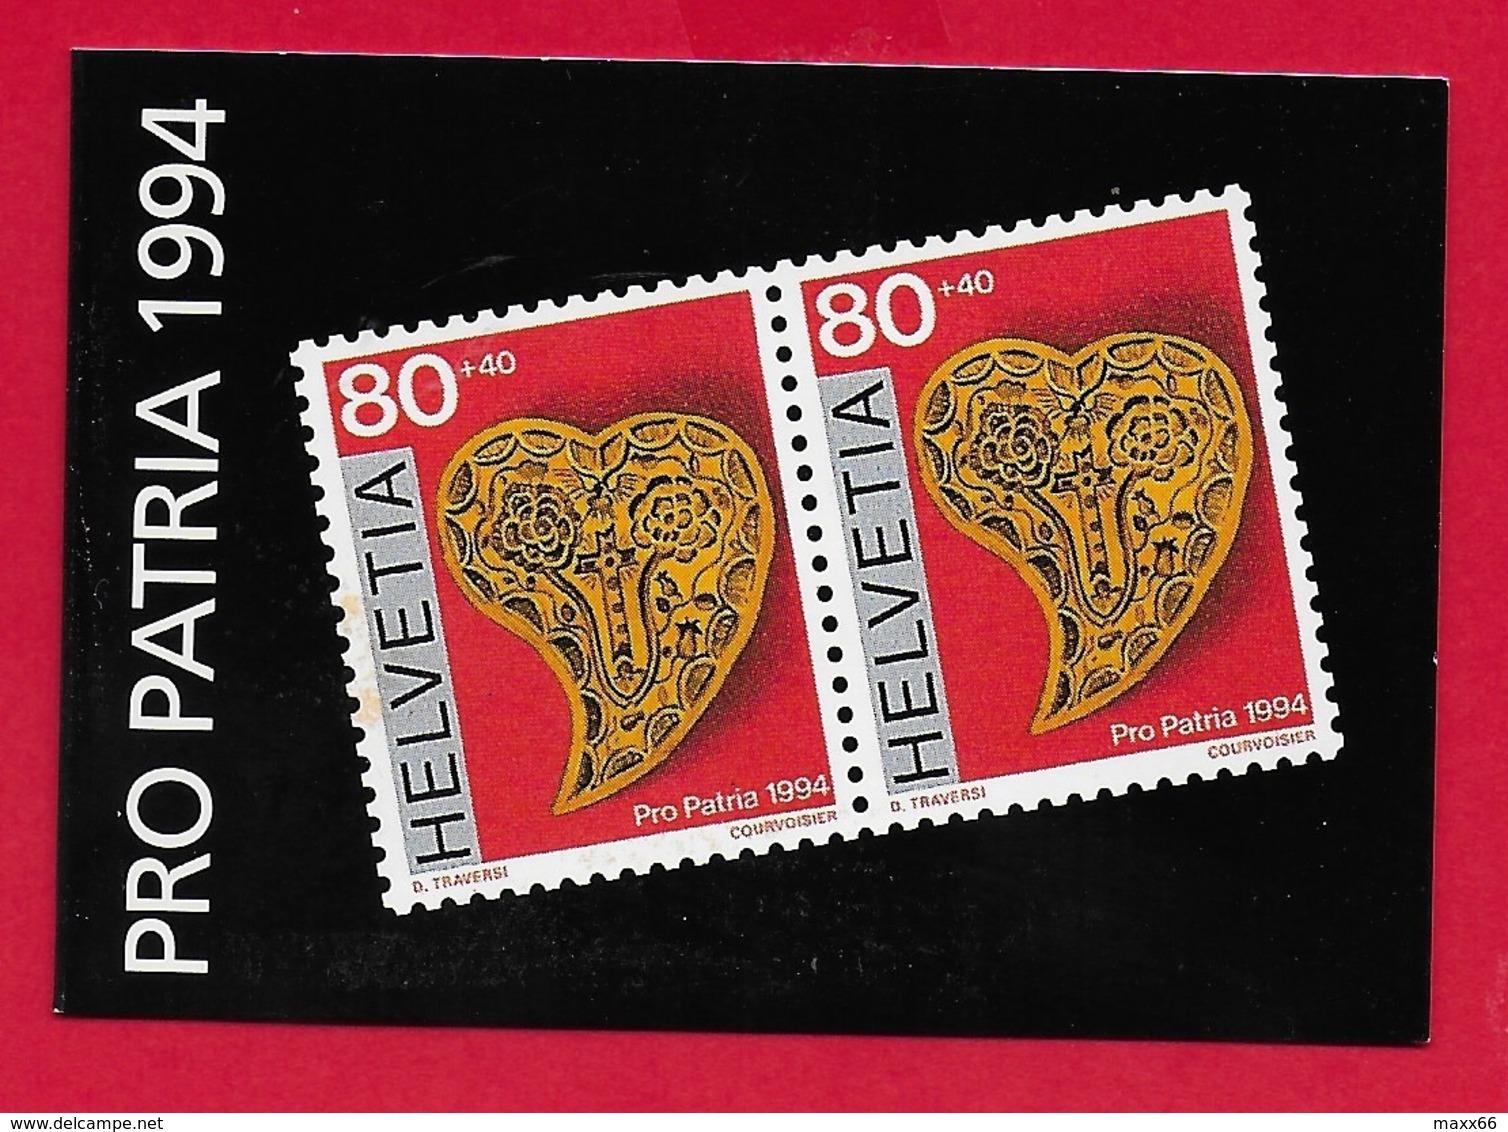 LIBRETTO SVIZZERA MNH - PRO PATRIA 1994 - 10 X 80 + 40 Cent. - Pro Patria